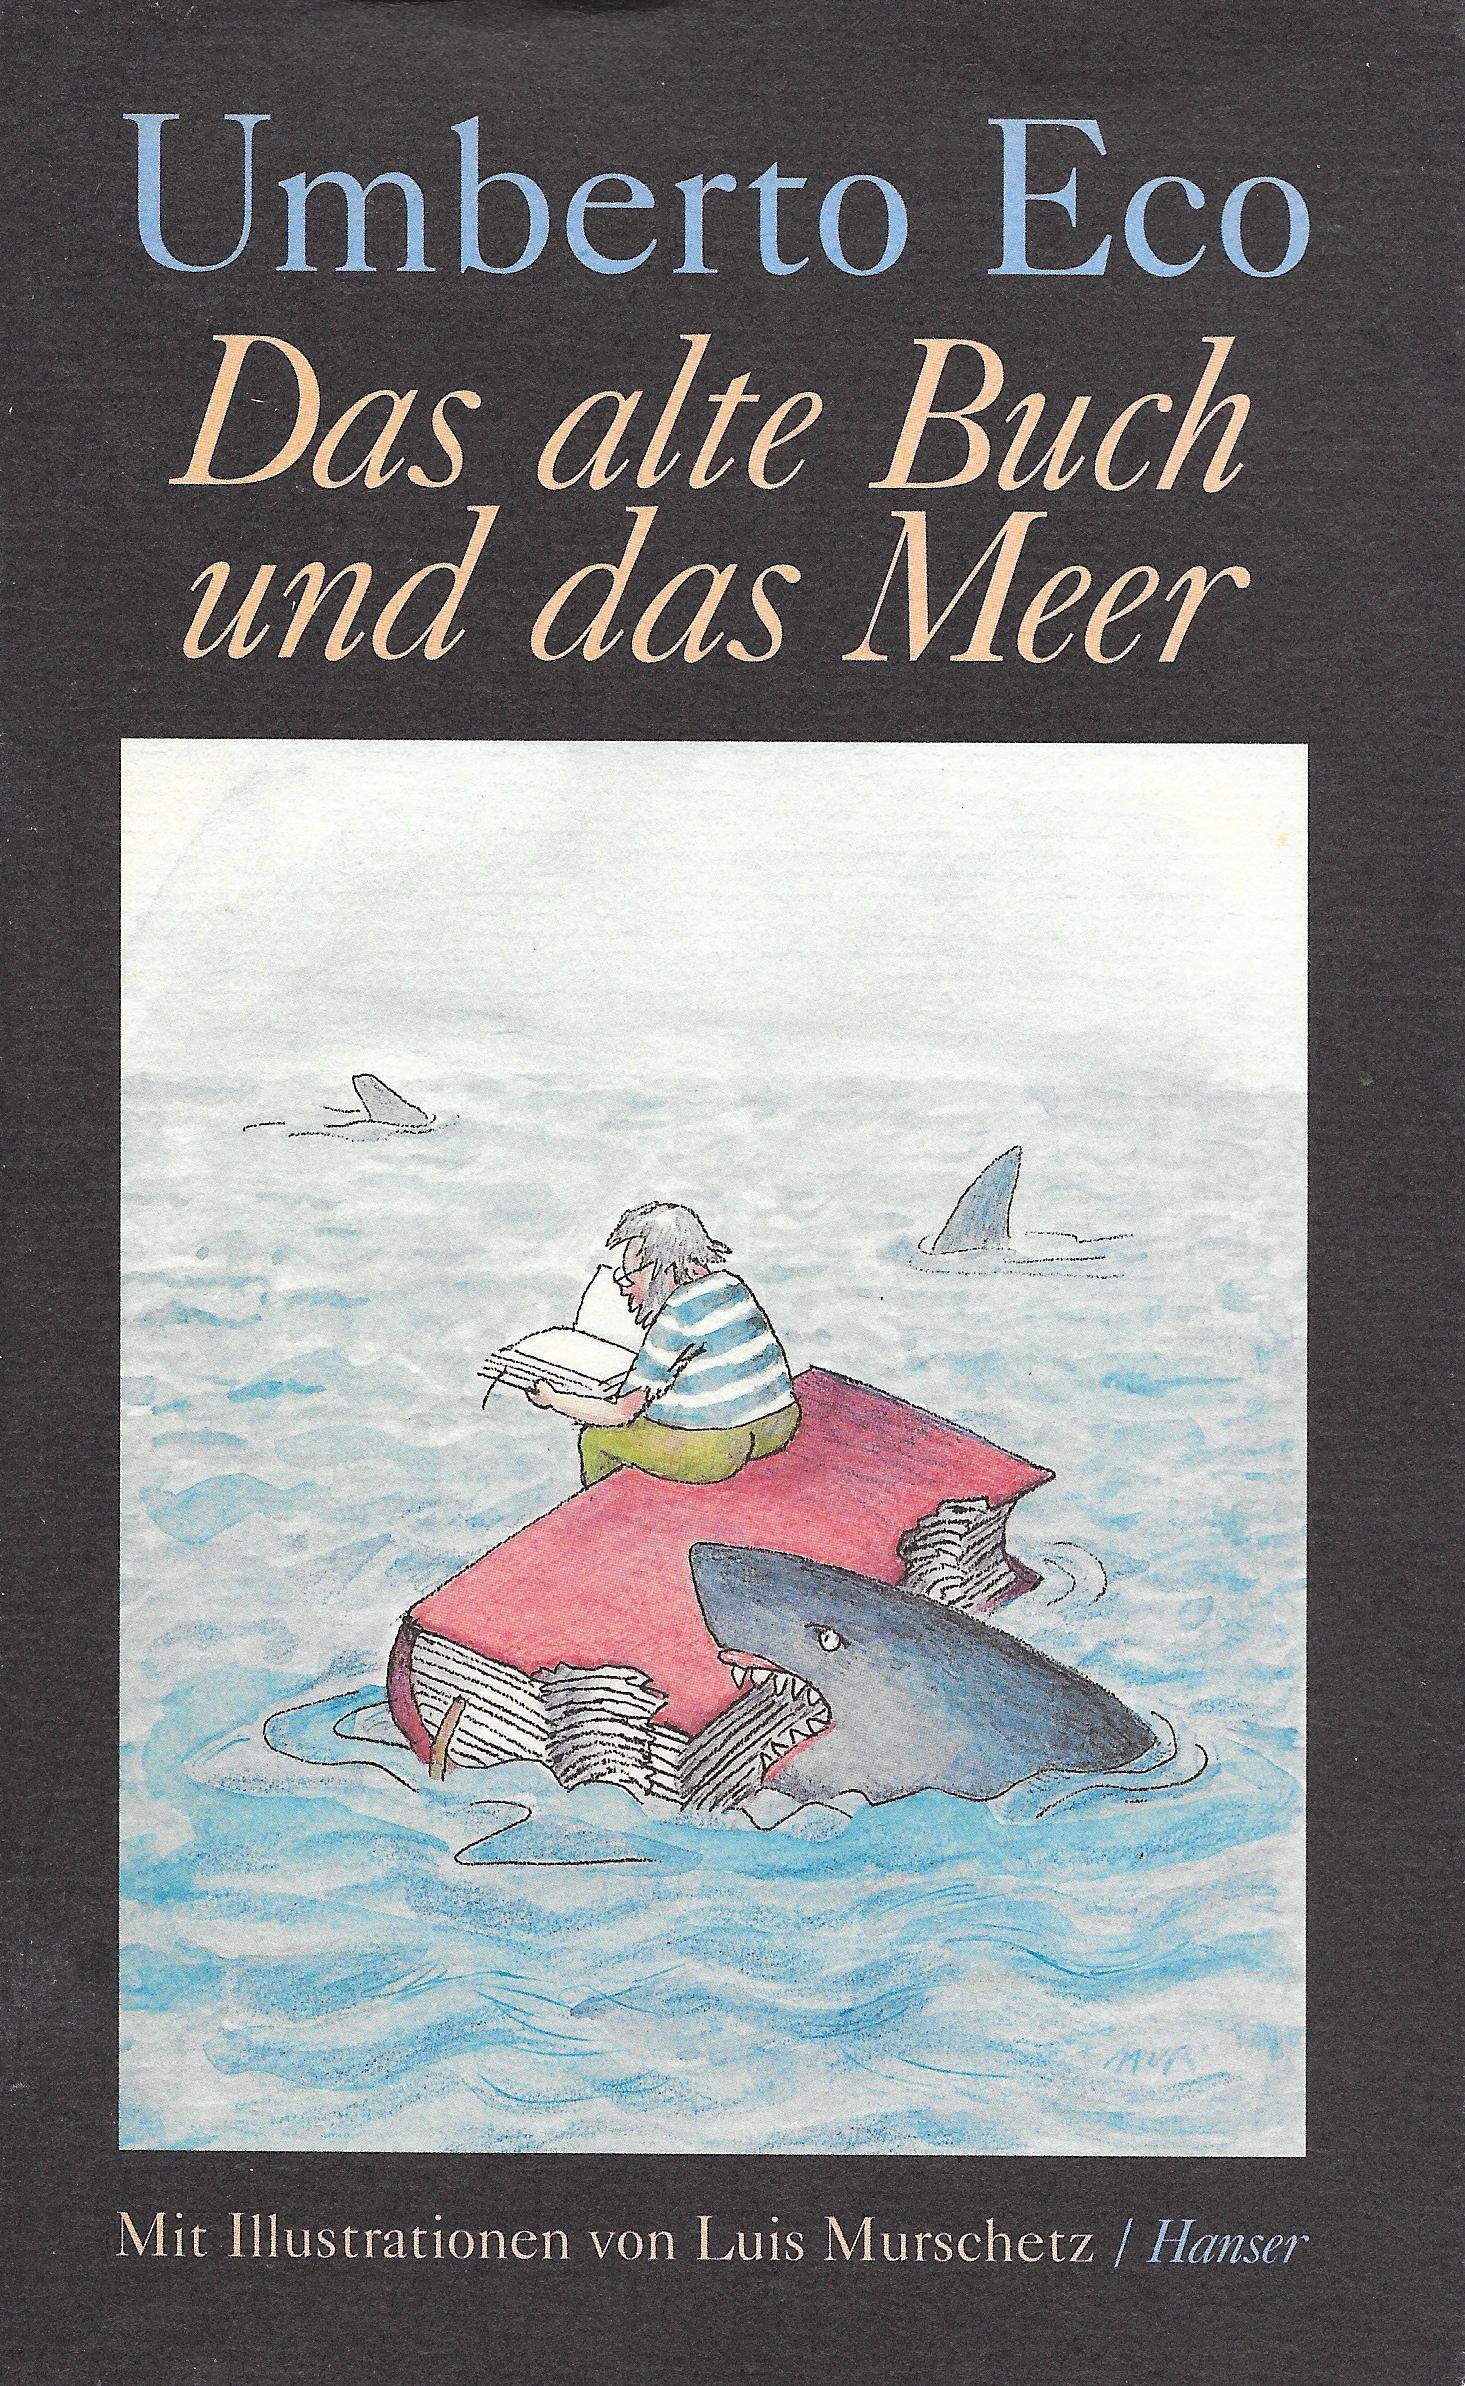 Das alte Buch und das Meer: Neue Streichholzbriefe